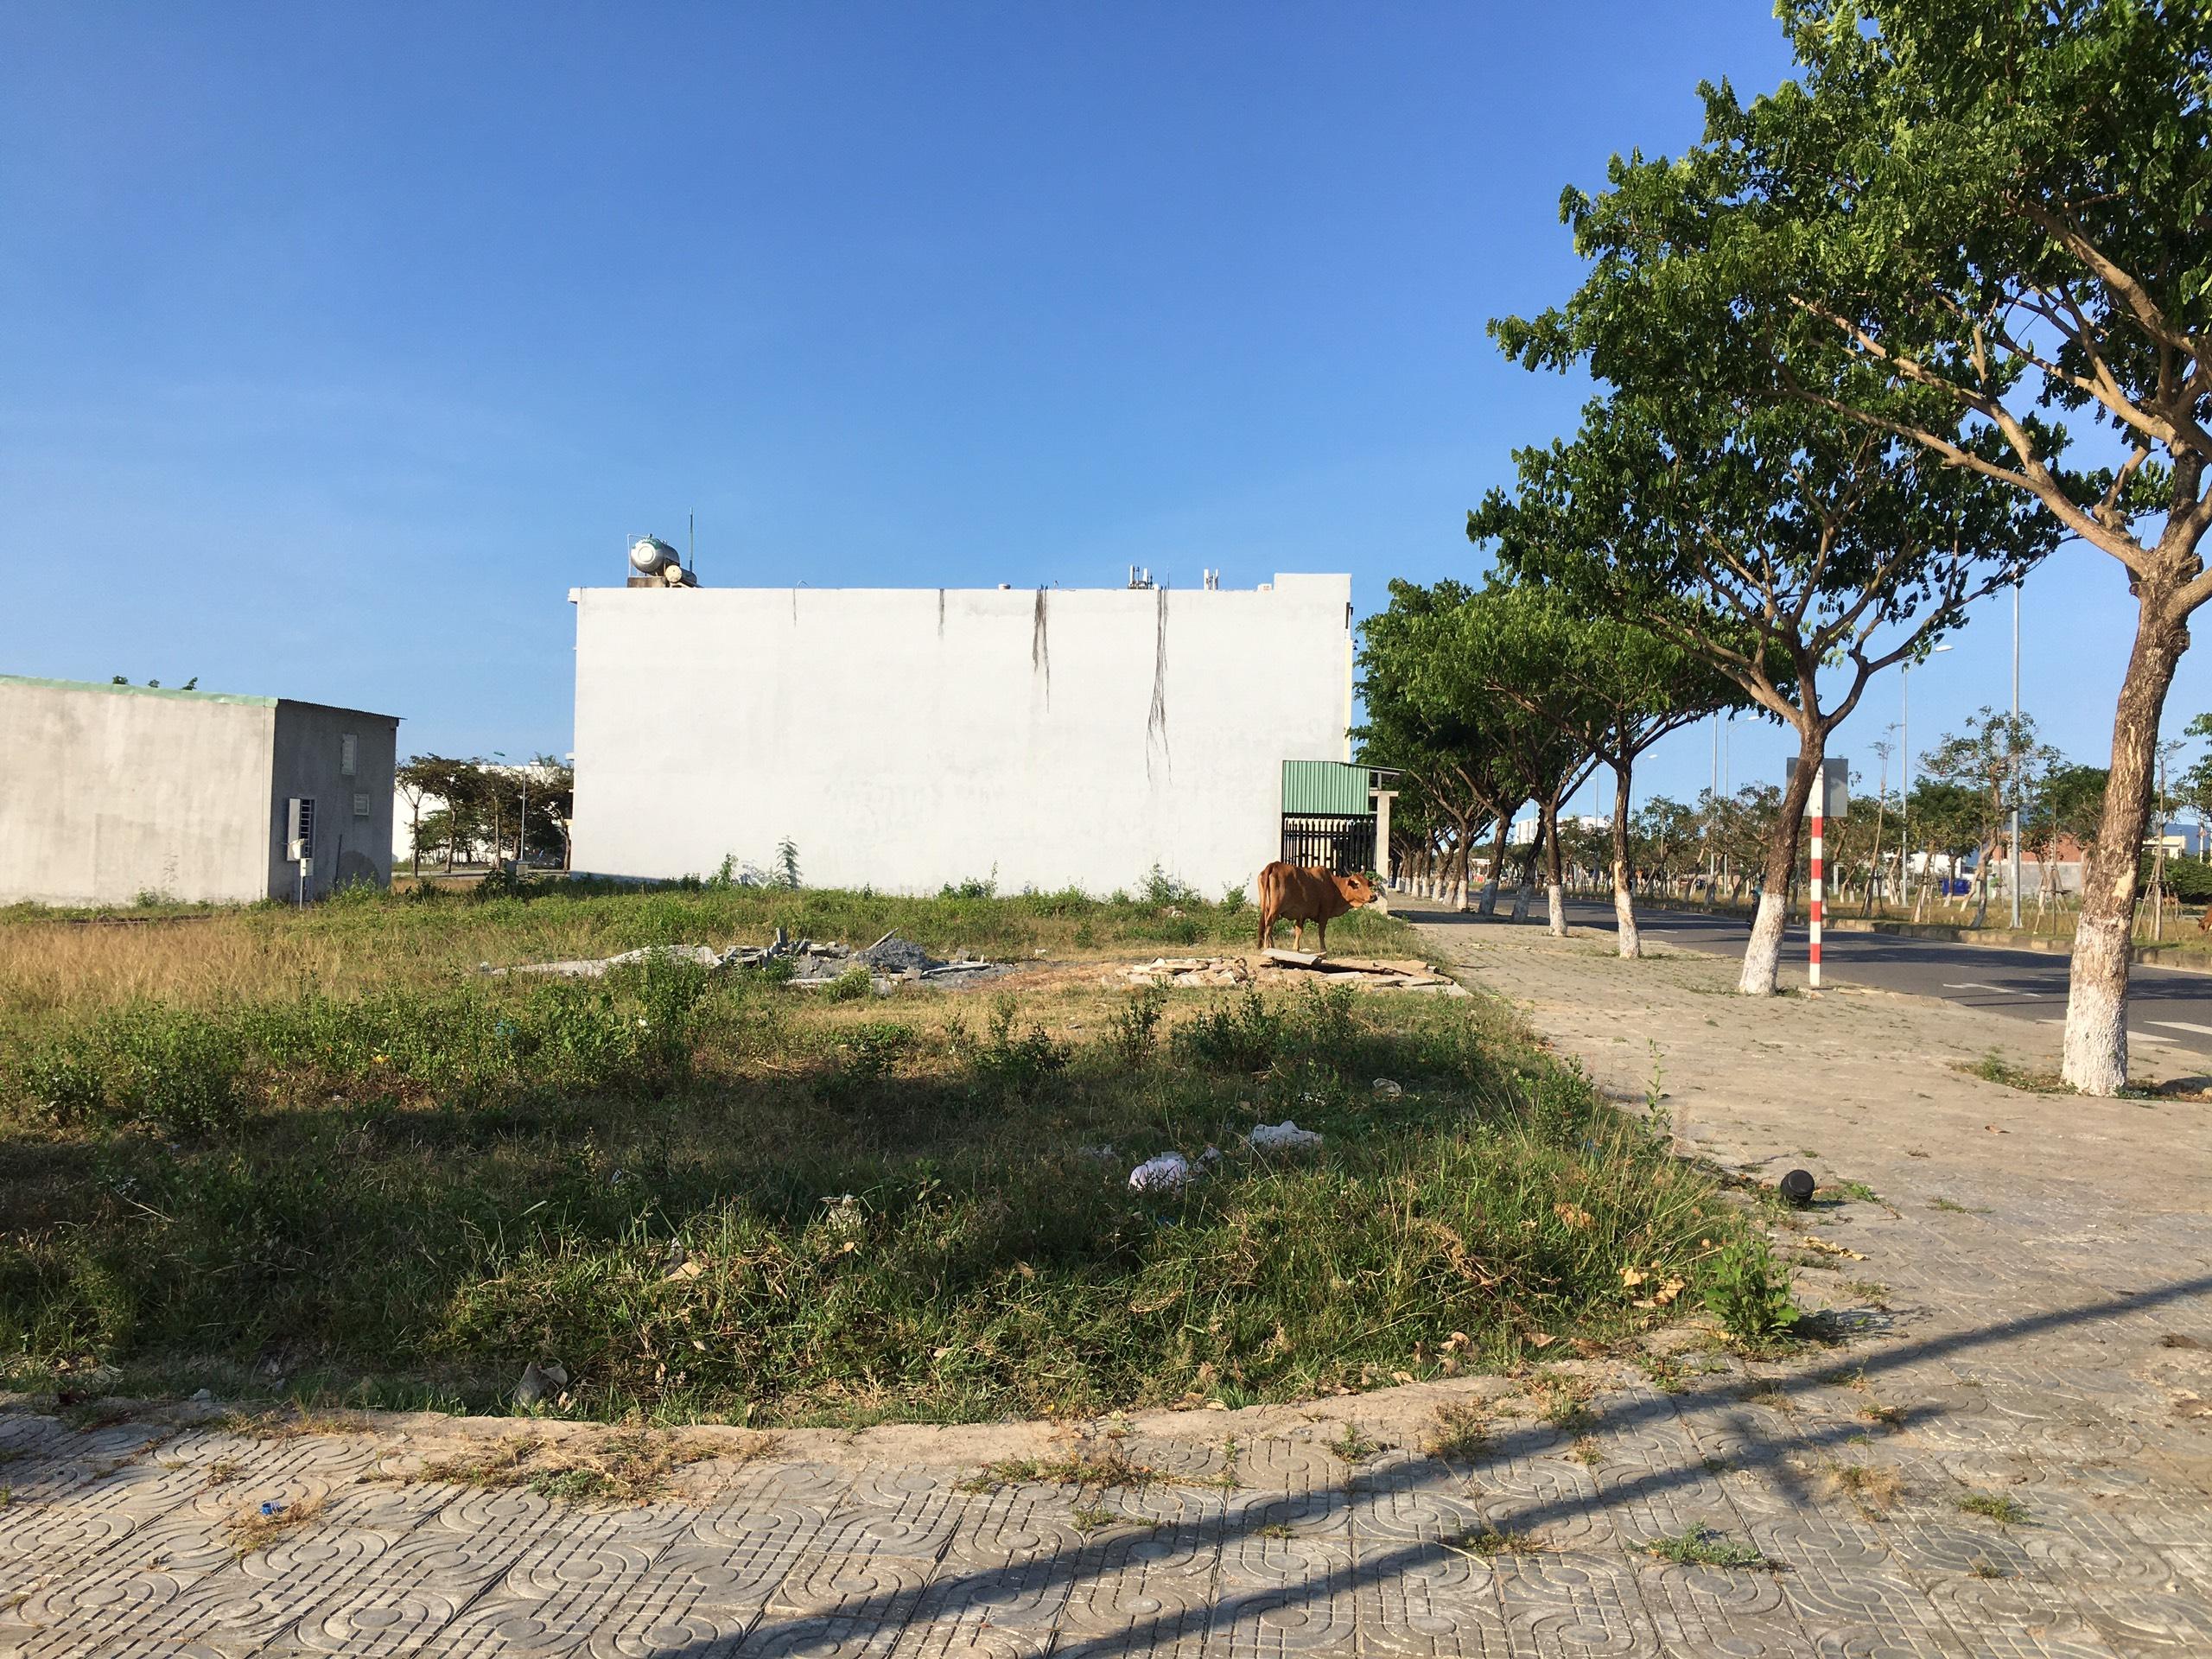 Trở lại nơi sốt đất ở Đà Nẵng, ki ốt bị dẹp hàng loạt, các dự án không bóng người - Ảnh 8.